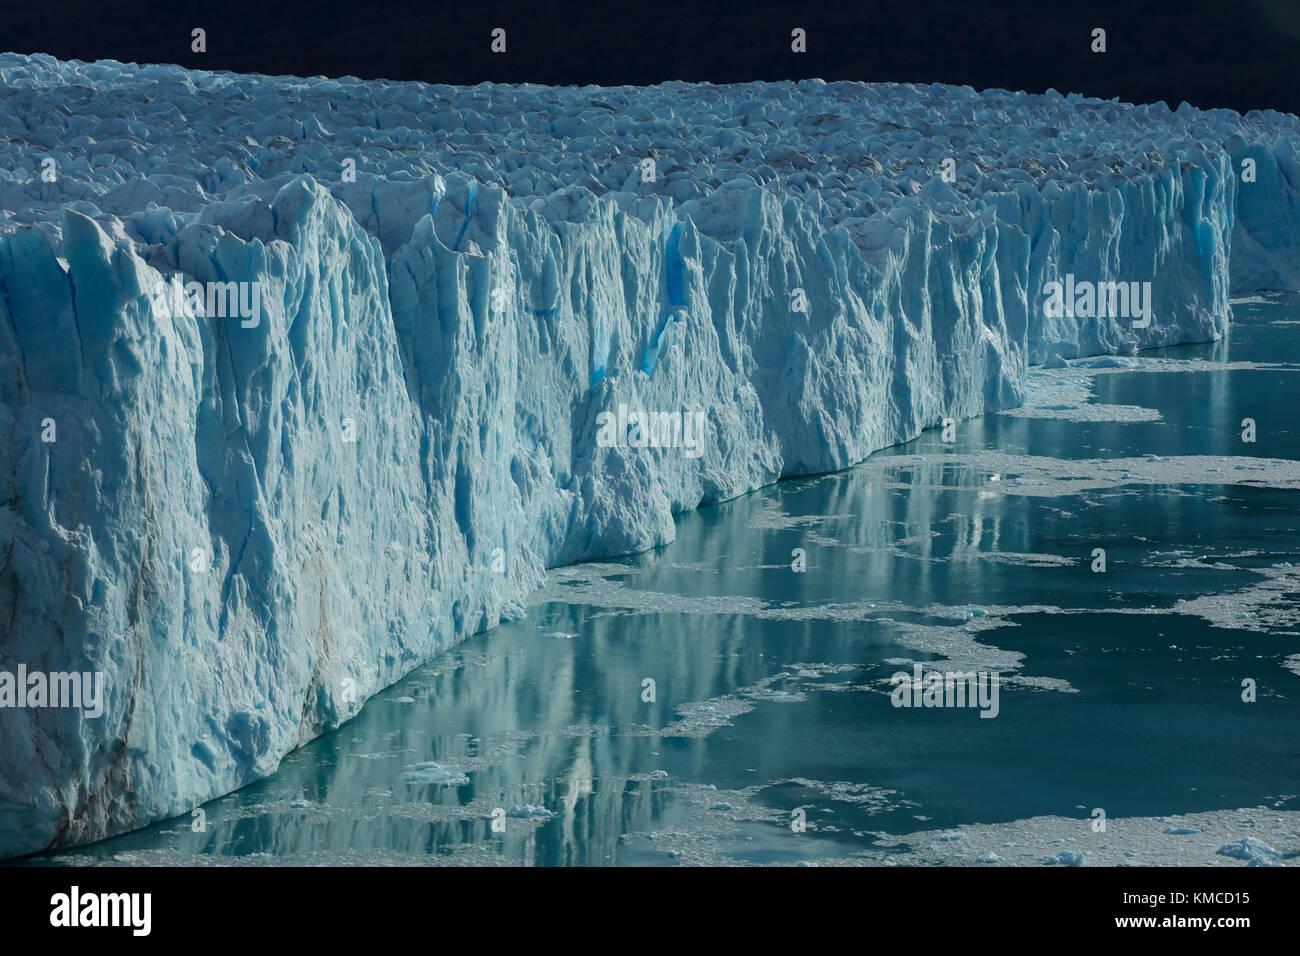 Terminal face of Perito Moreno Glacier, and Lago Argentino, Parque Nacional Los Glaciares (World Heritage Area), - Stock Image